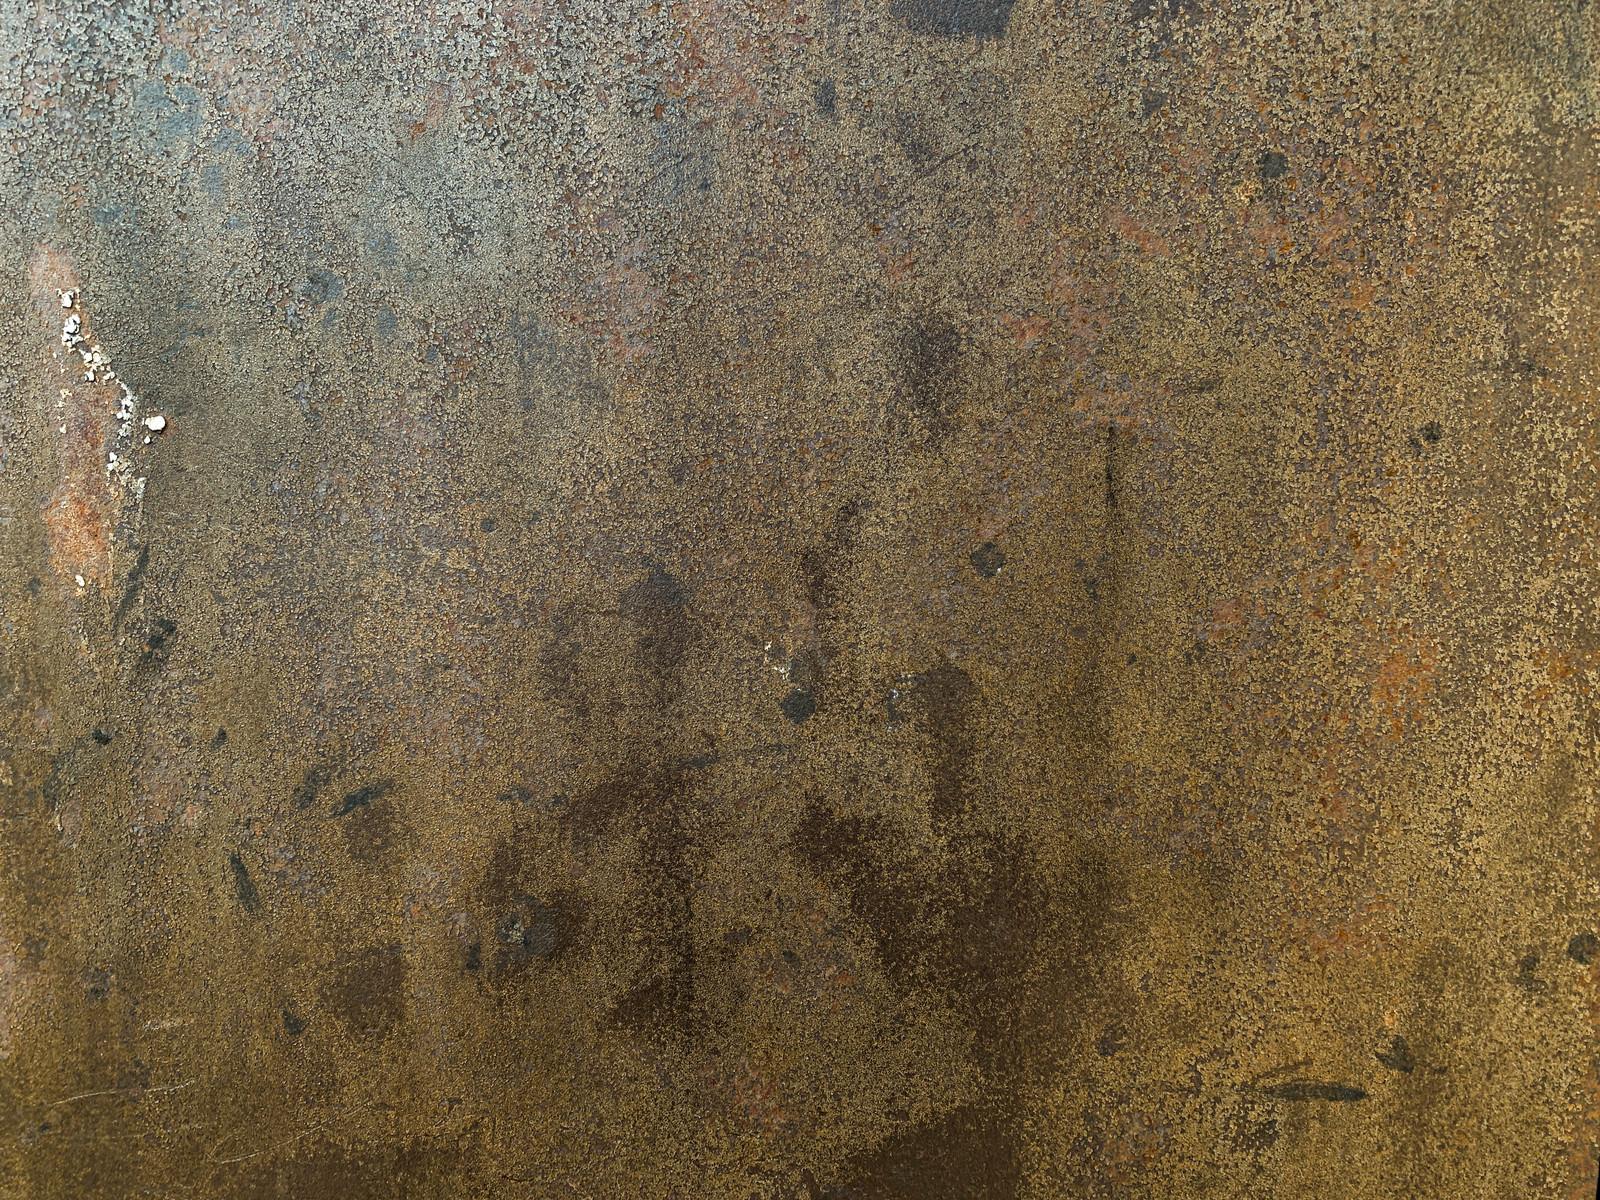 「表面がボロボロに風化した鉄壁(テクスチャ)」の写真